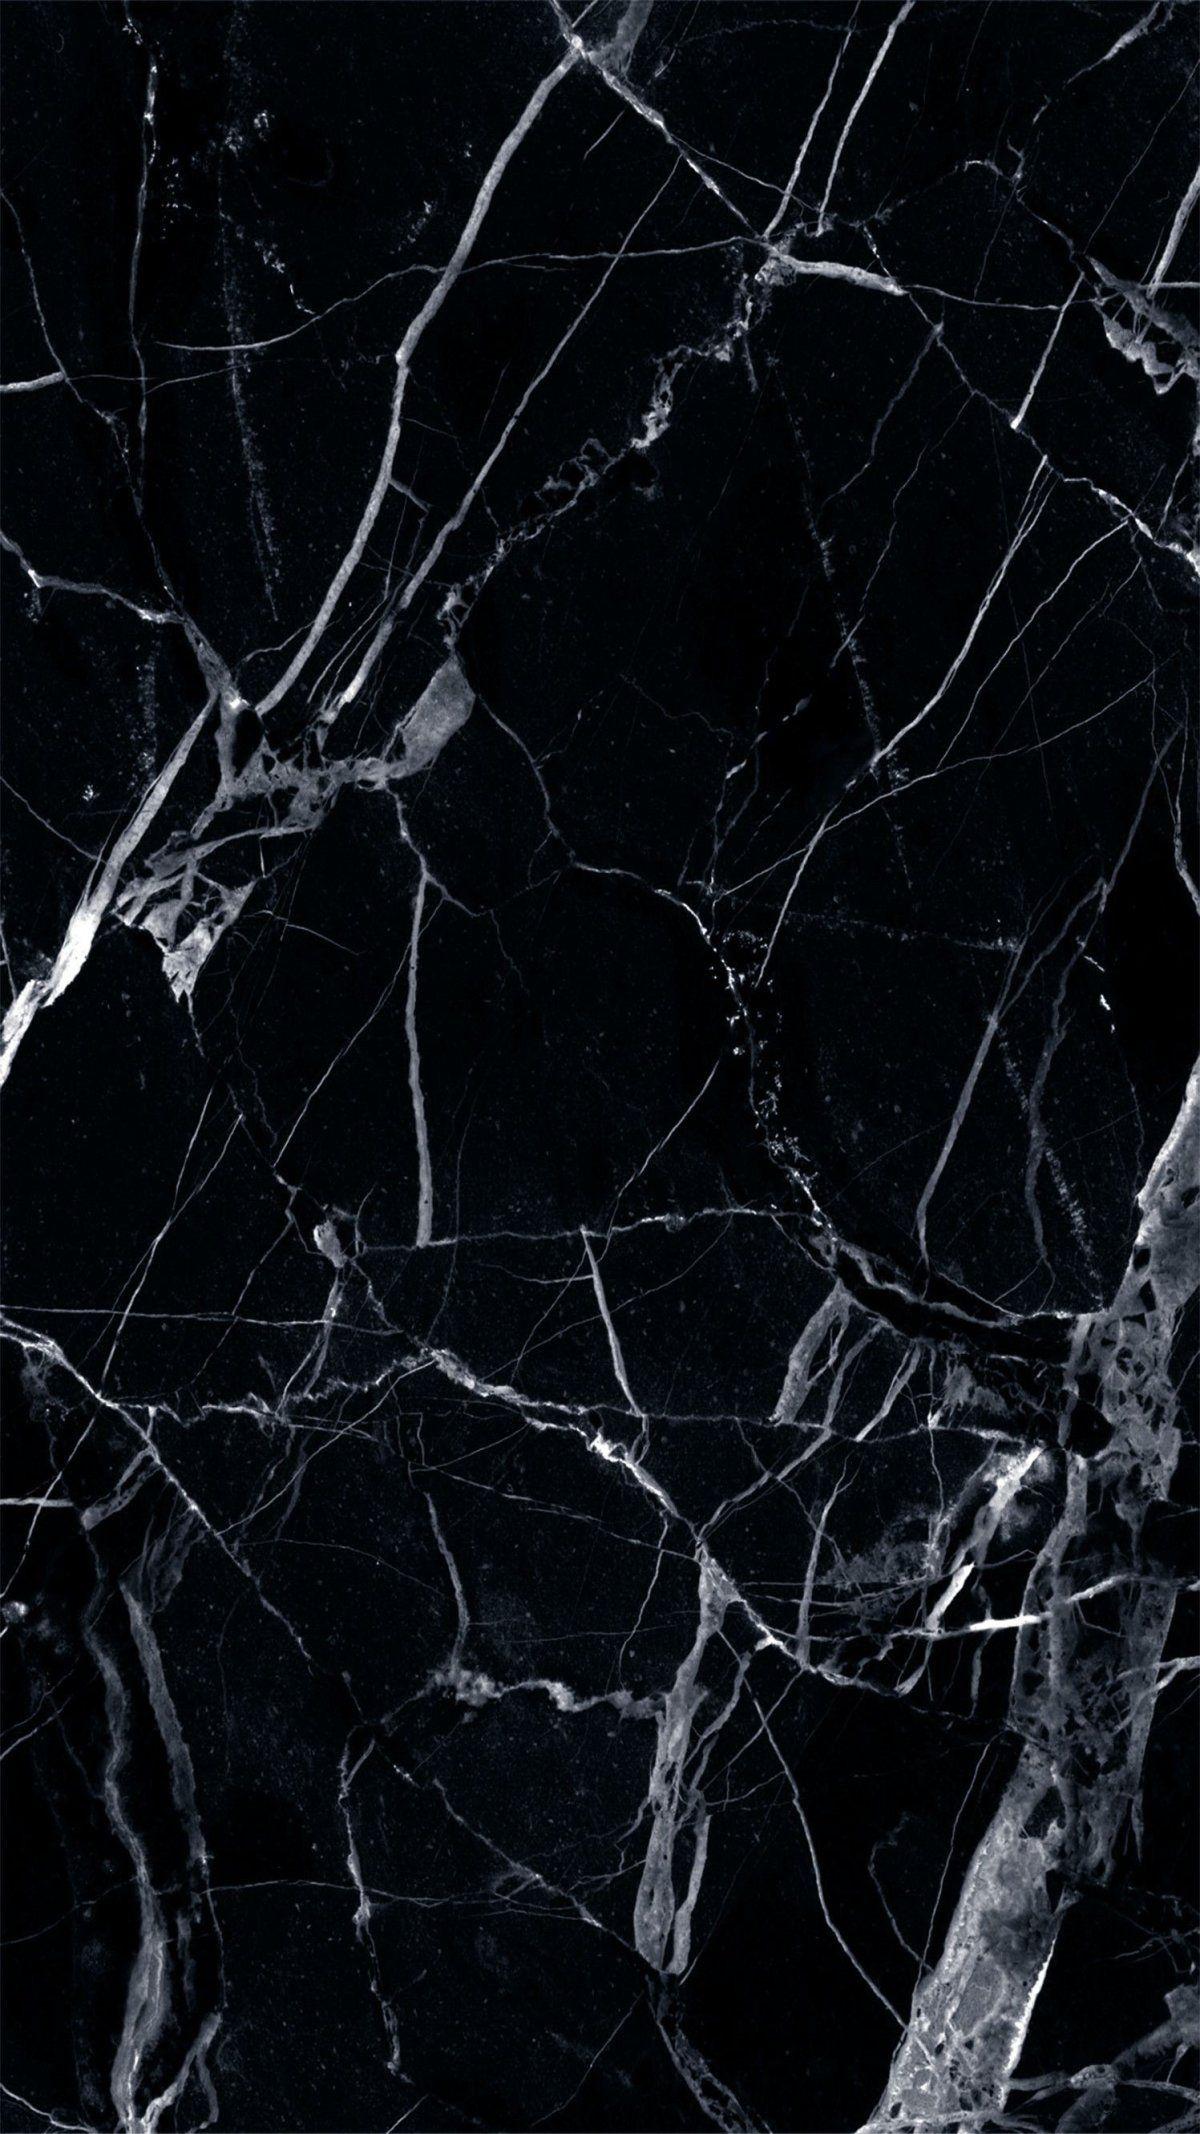 خلفيات رخام Marble باللونين الأسود والذهبي Black Gold عالية الوضوح 26 Marble Iphone Wallpaper Backgrounds Phone Wallpapers High Quality Wallpapers